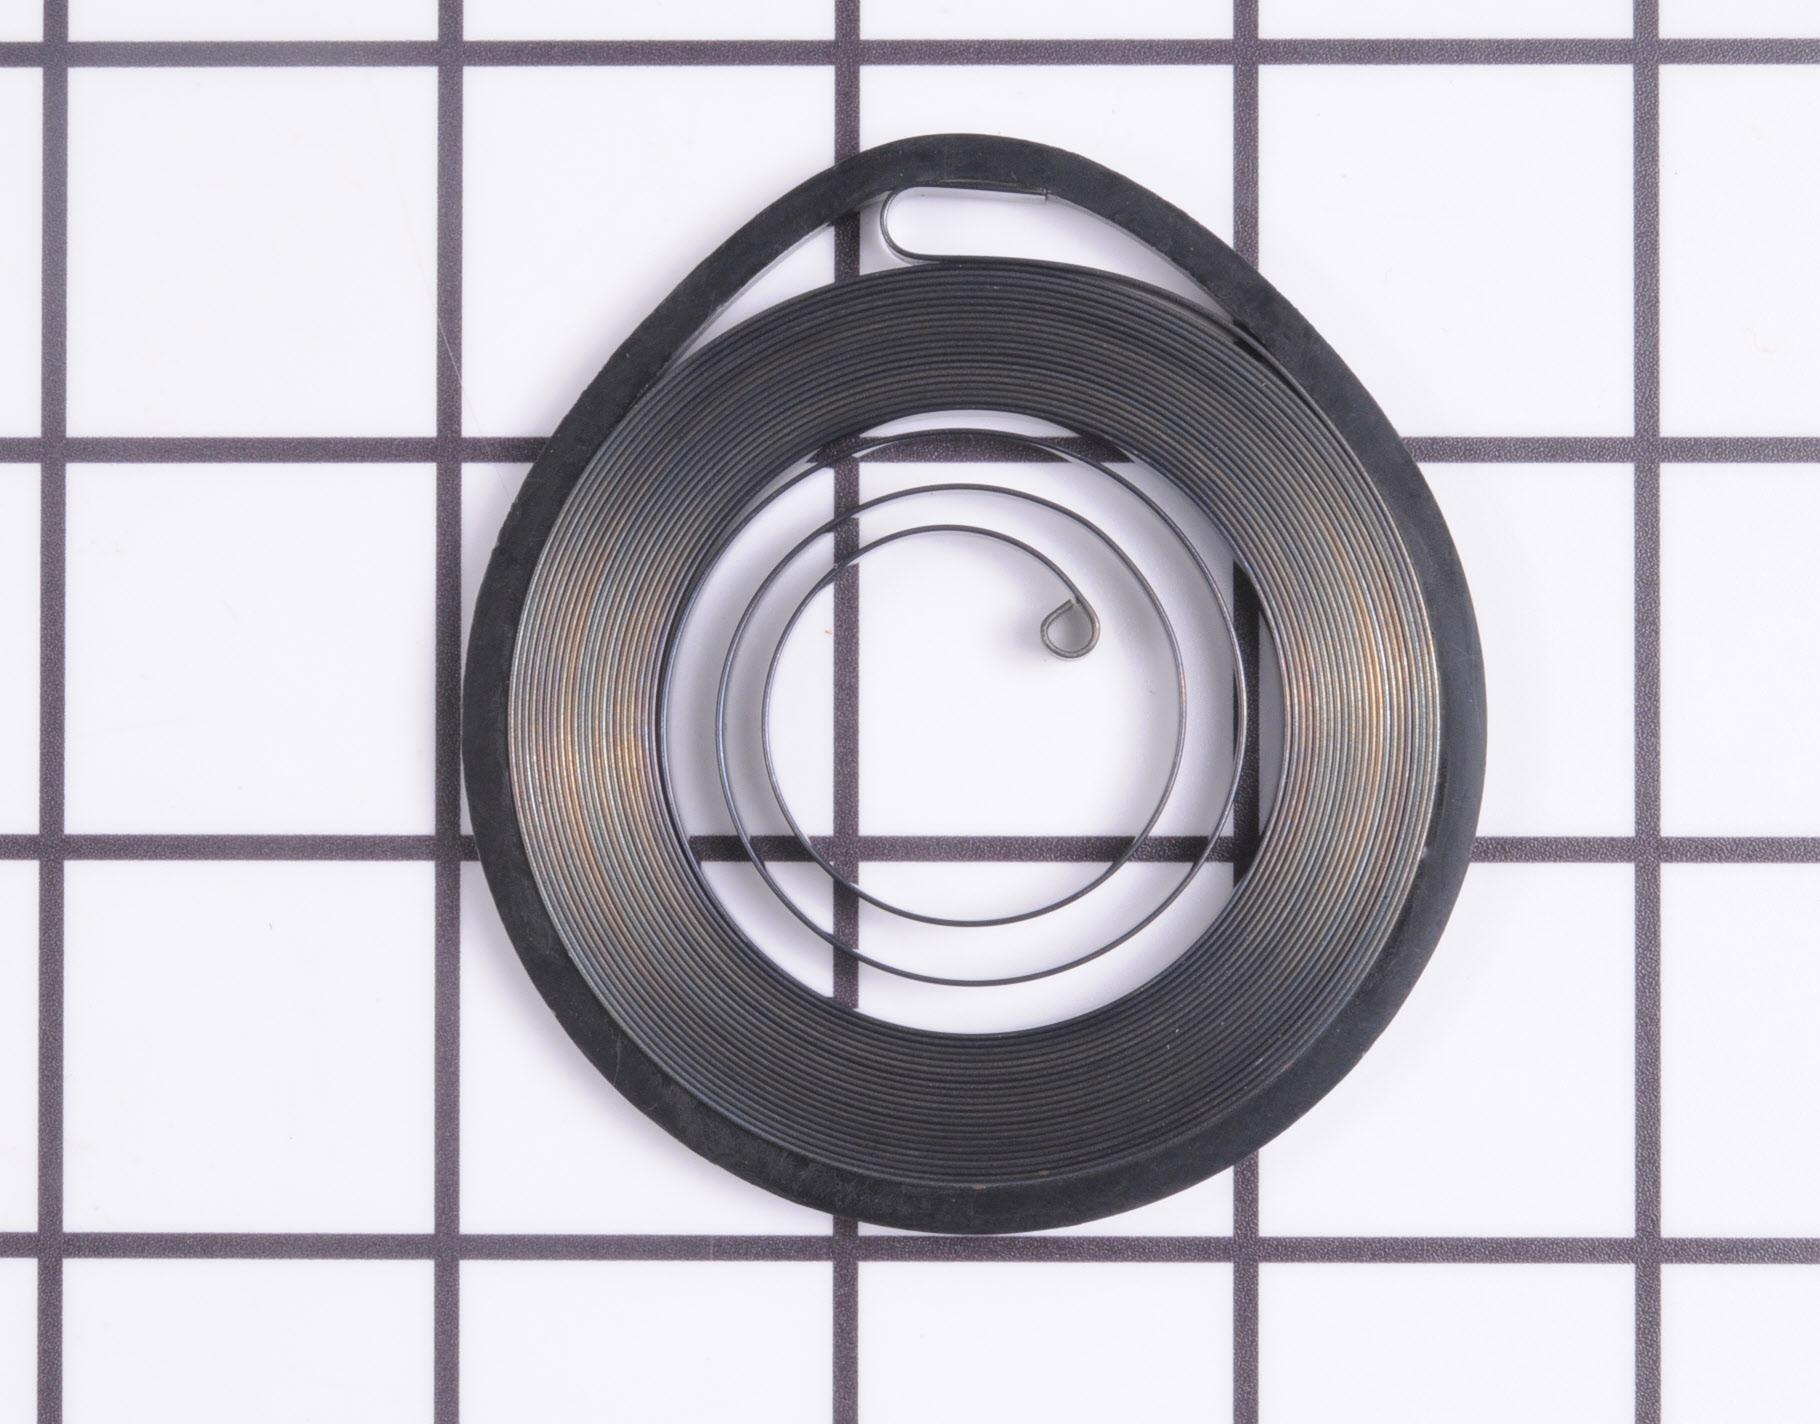 545008009 Poulan Pro Chainsaw Part -Rewind Spring